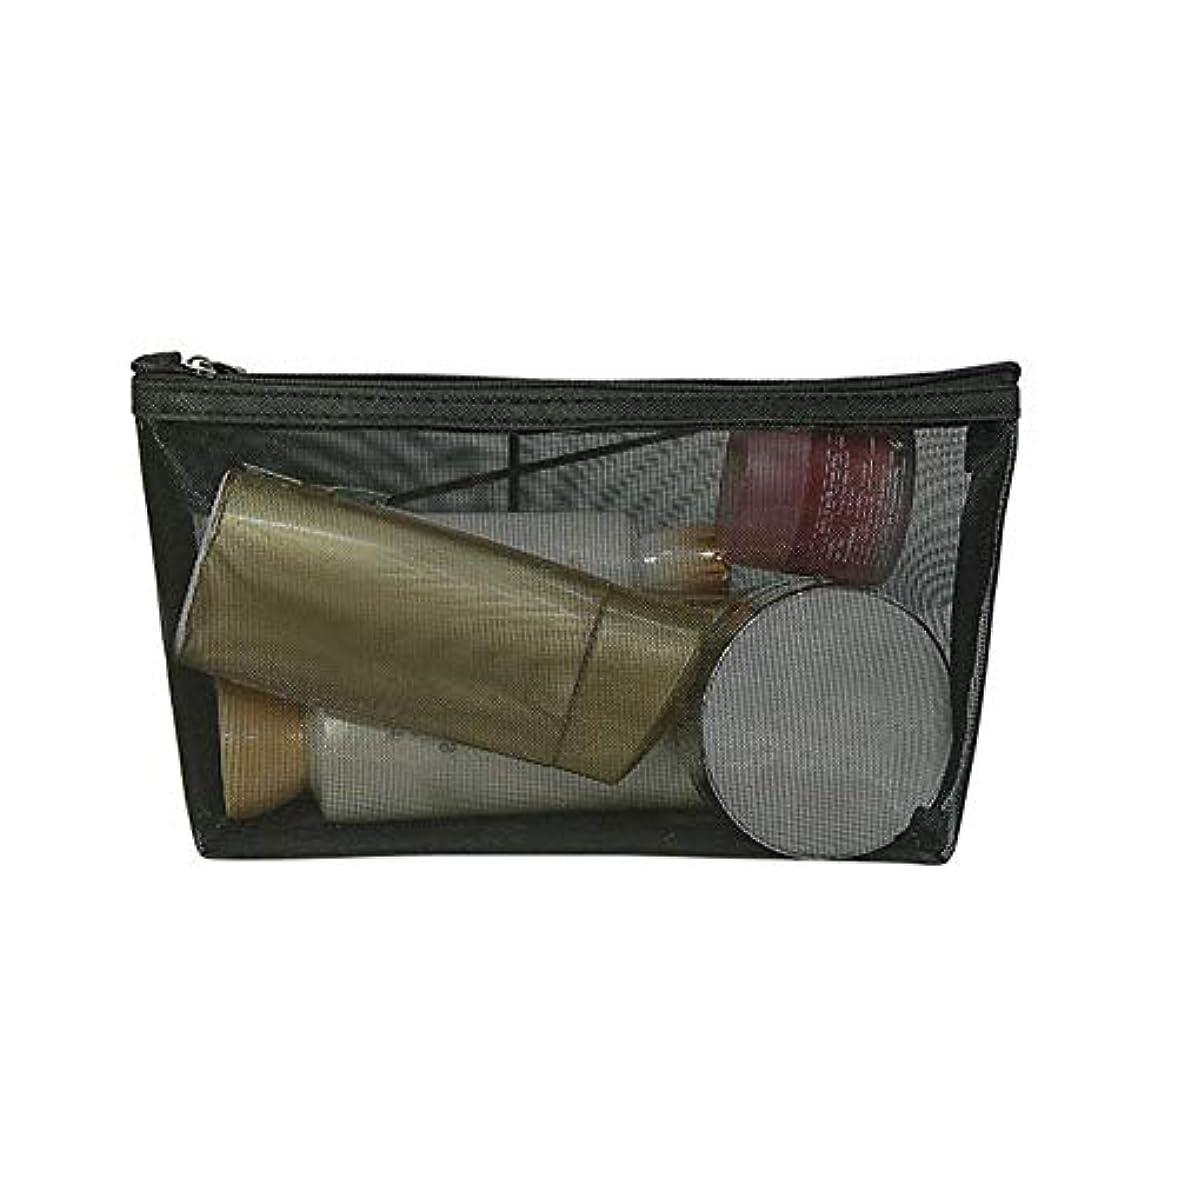 蓮疫病ブロンズJanusSaja  旅行のための1個の化粧品化粧品袋透明ジッパー収納ポーチオーガナイザー